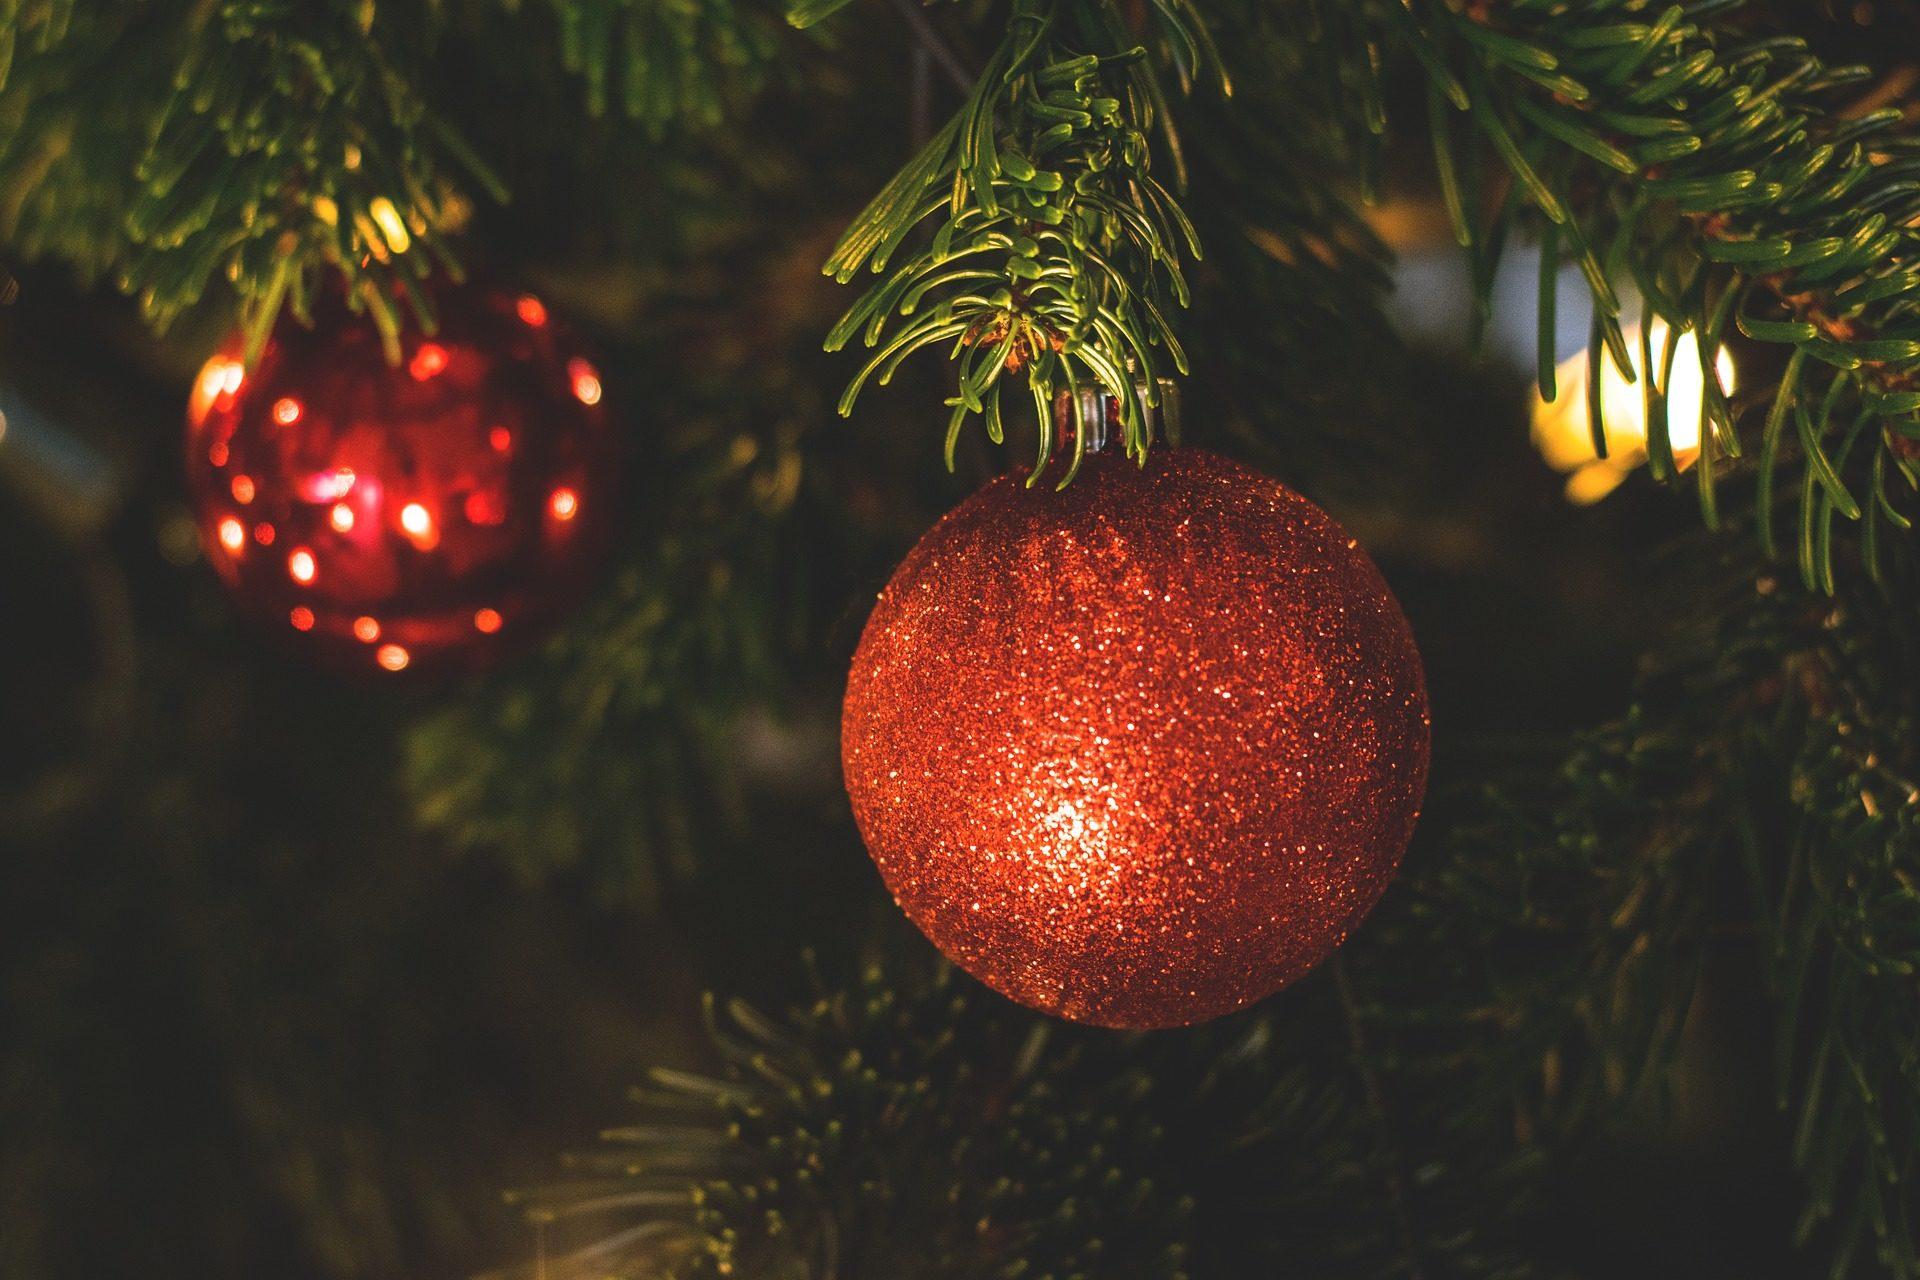 Fondo de pantalla de bolas rbol abeto brillos rojas for Arbol de navidad con bolas rojas